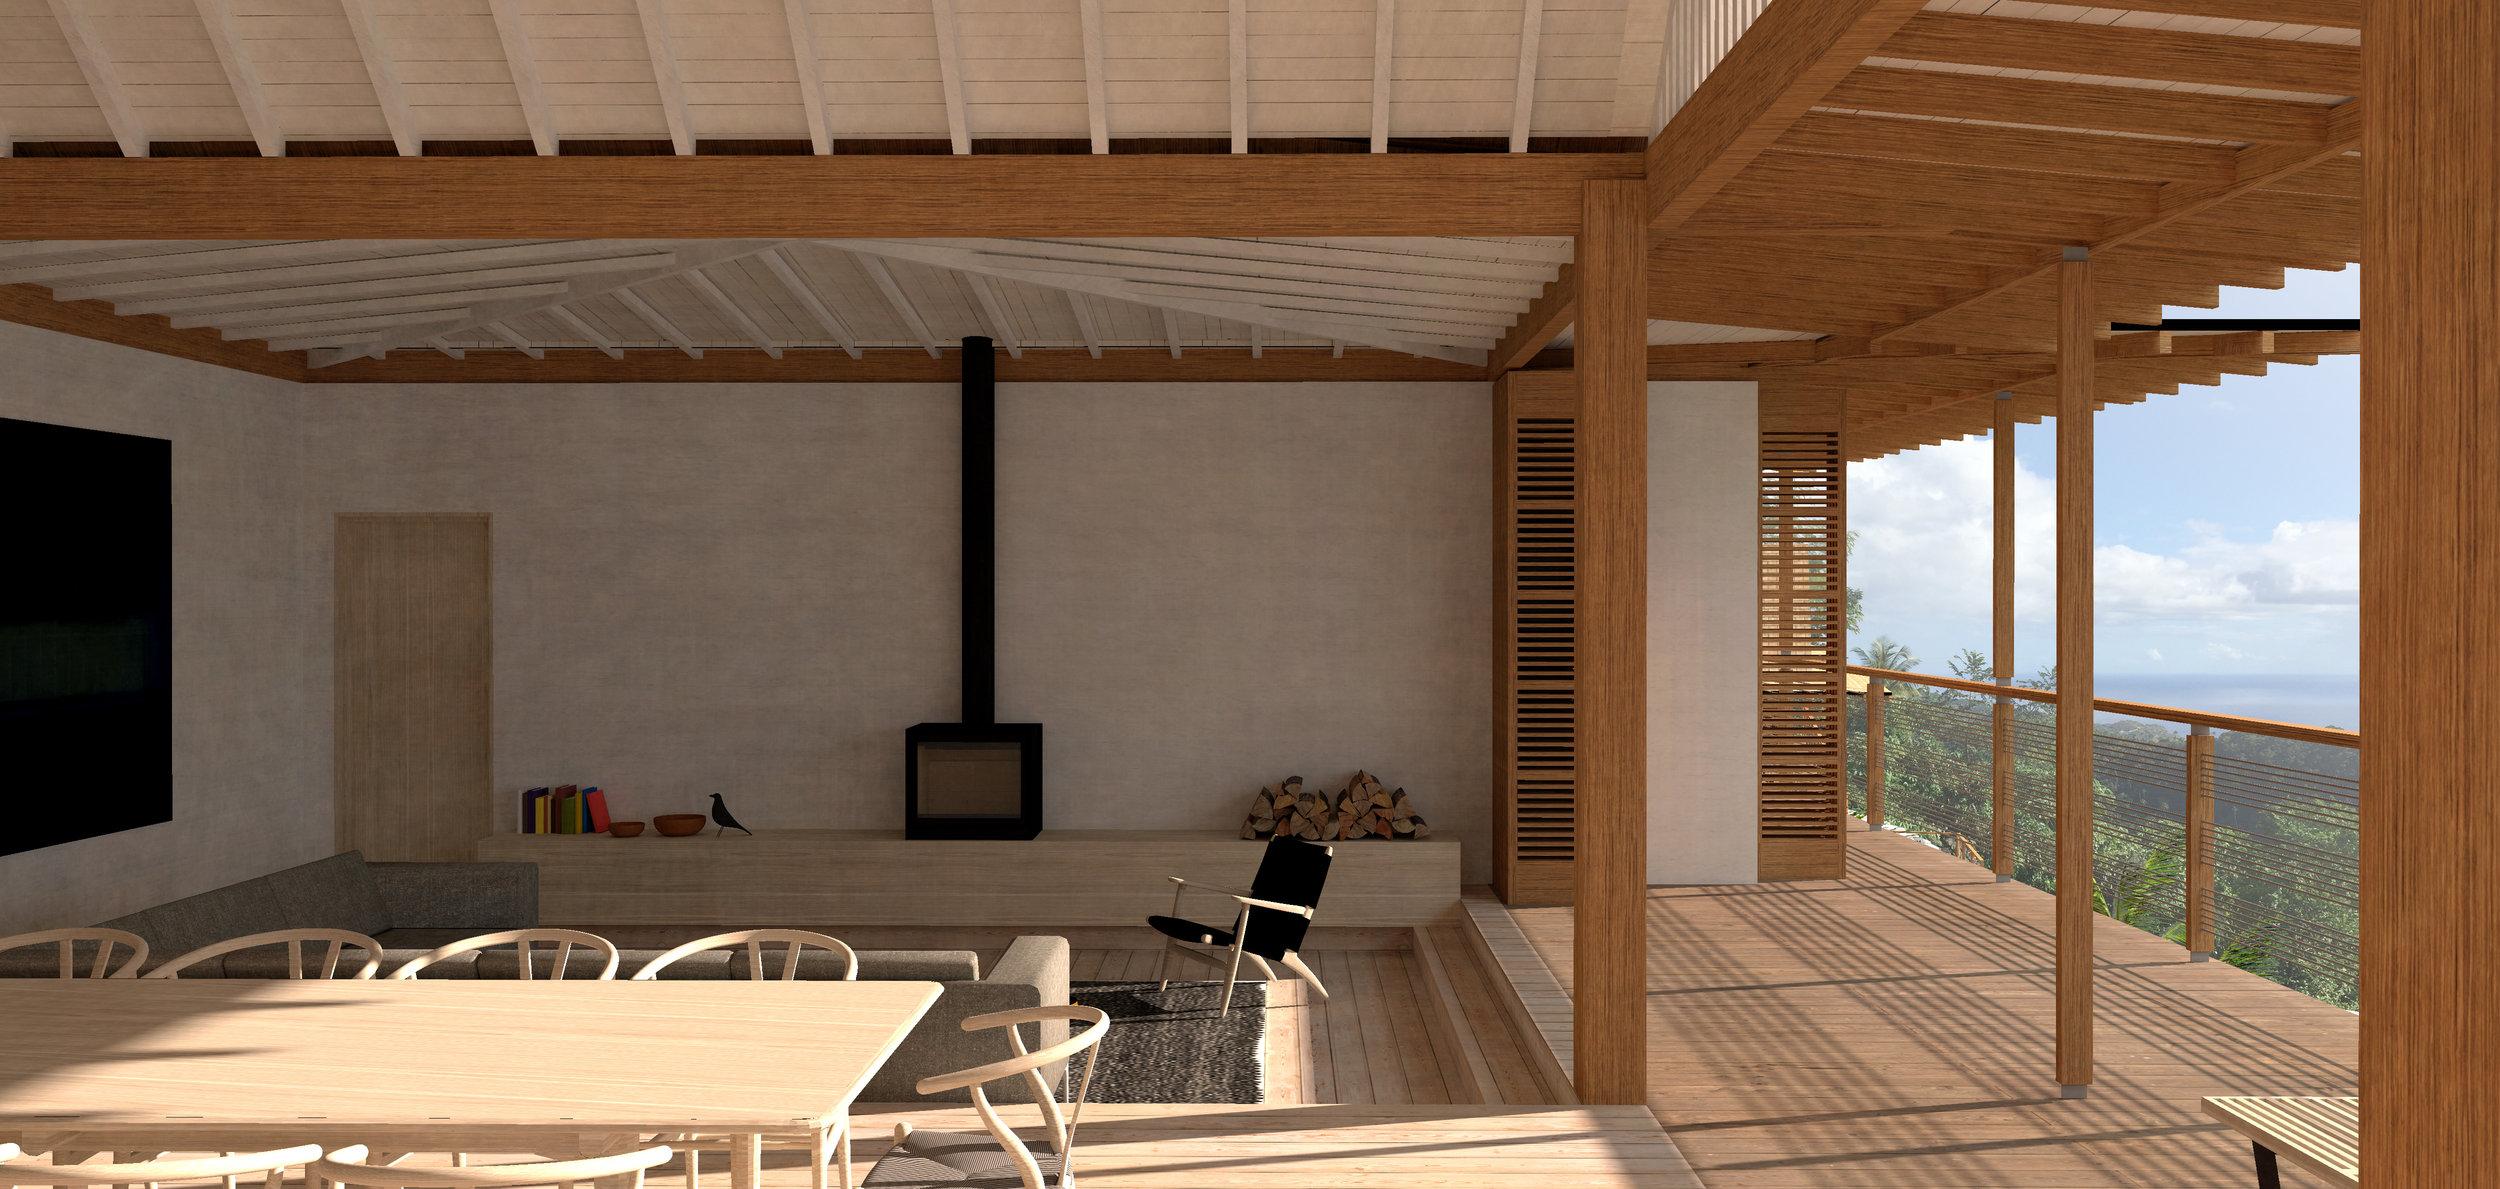 20 - Scene 29 - Plot 2 Open Plan Living Looking South.jpg